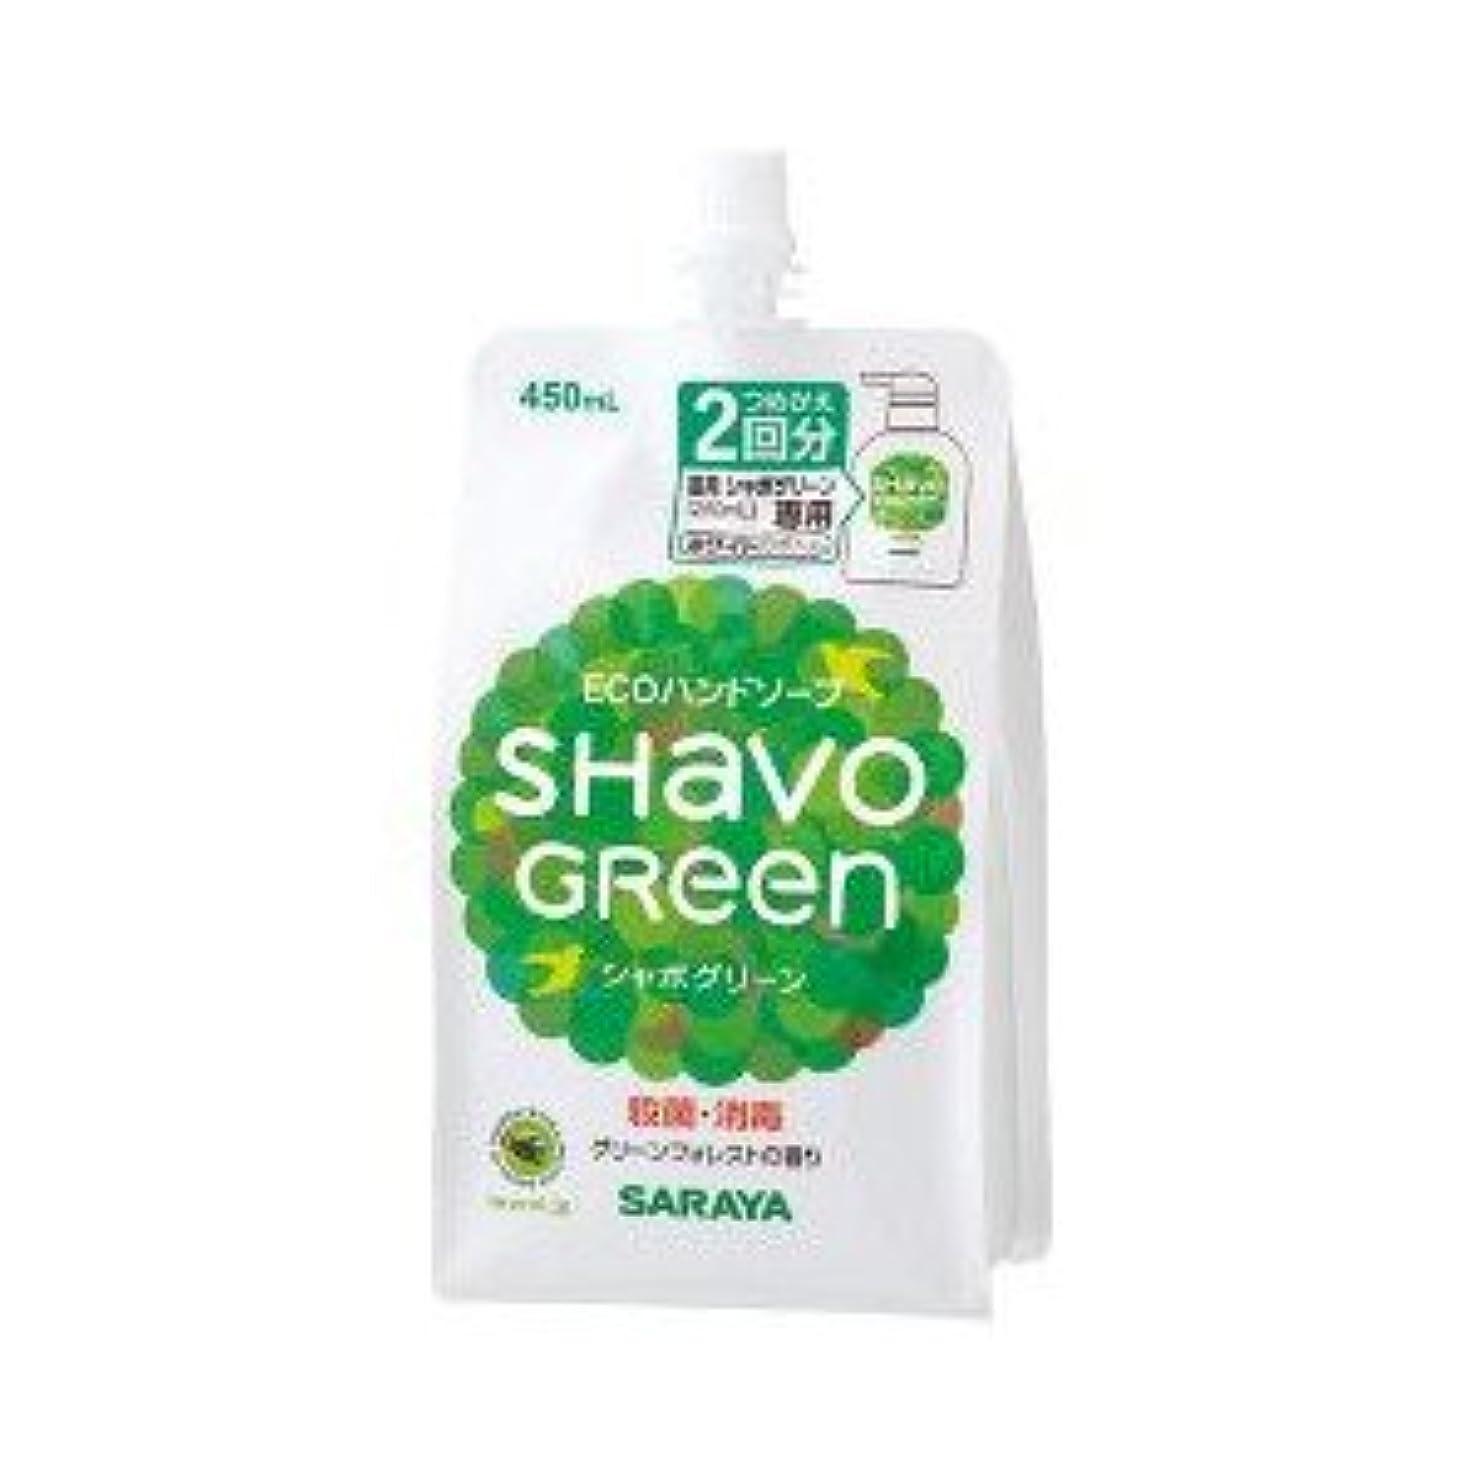 信じる非互換控えるシャボグリーンソープ 詰替用 × 5個セット